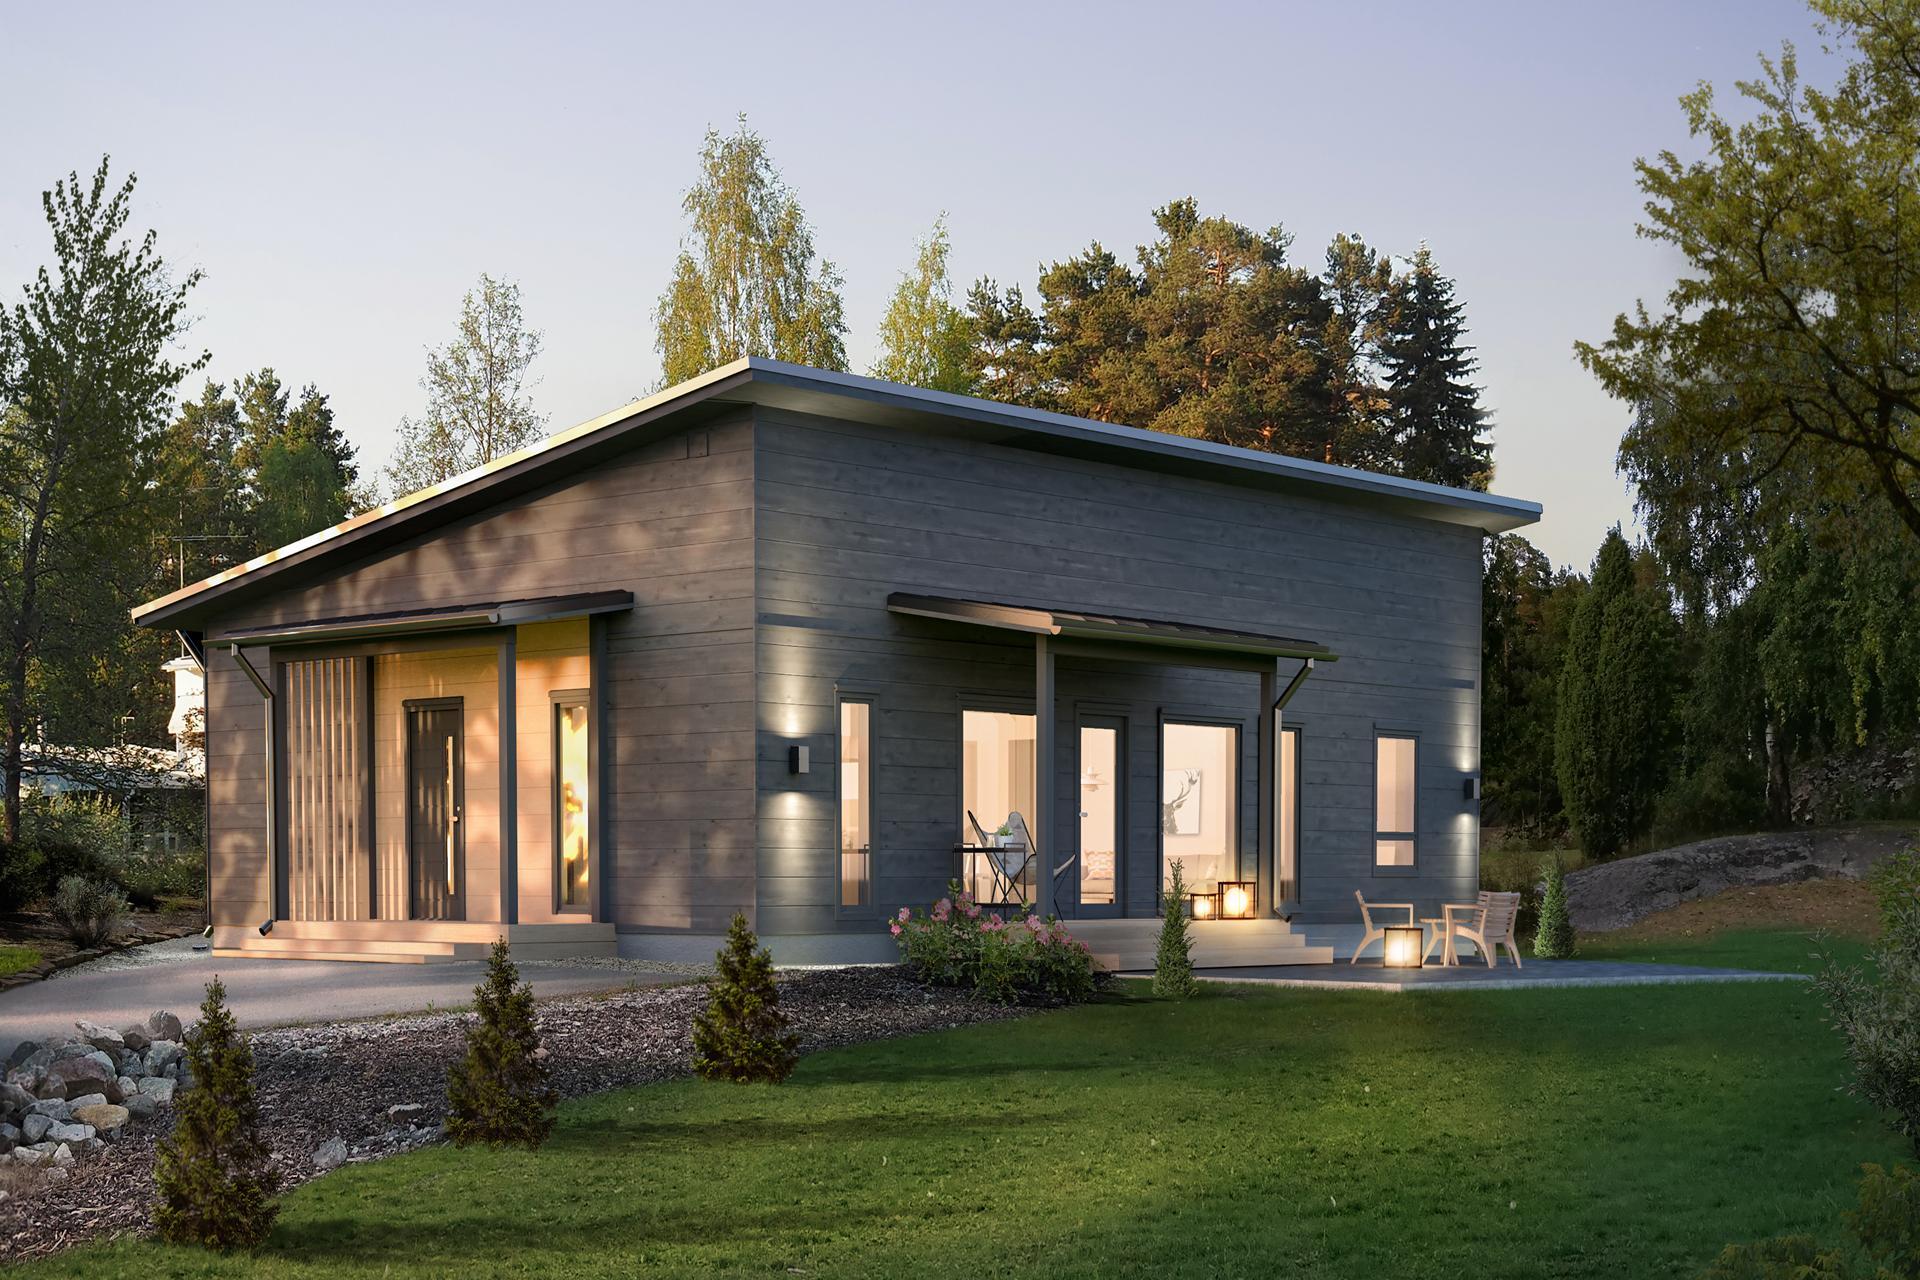 замечательная страна, фото финские одноэтажные домики вышло, что